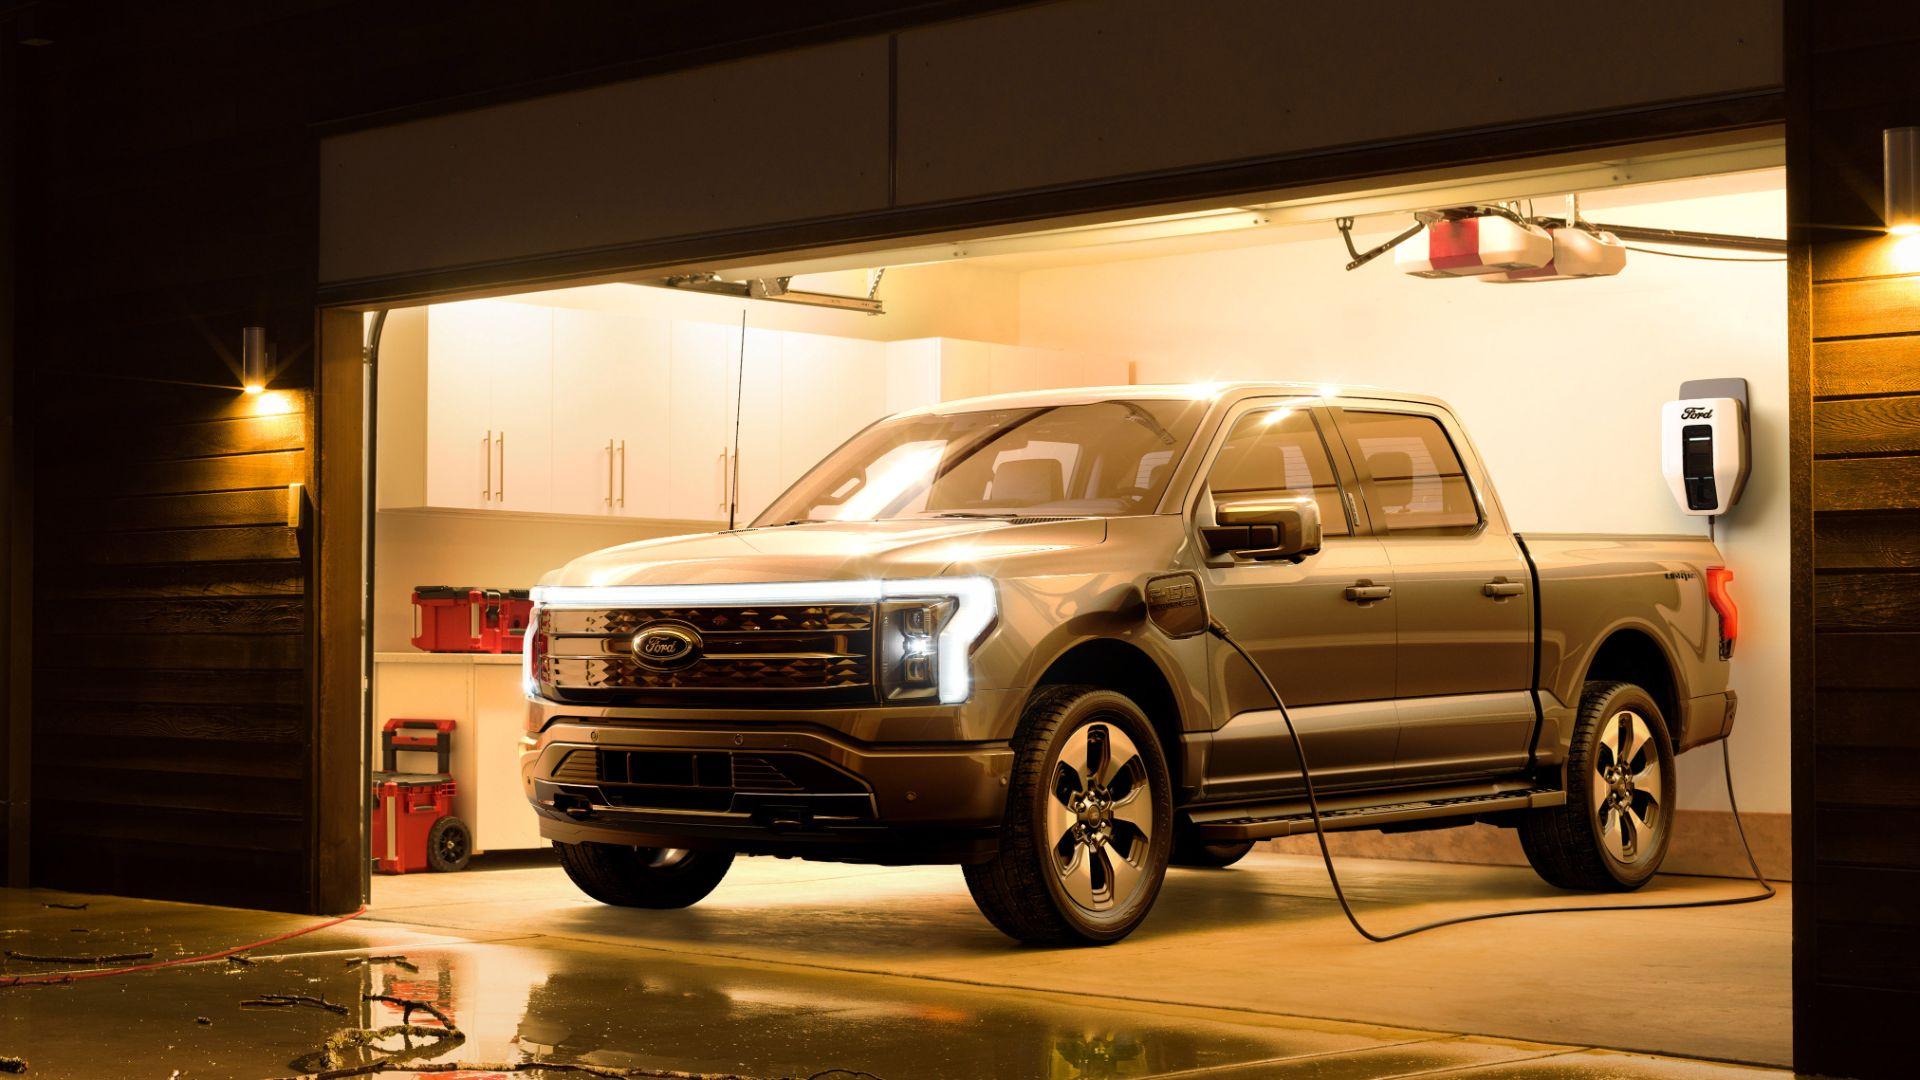 ford f 150 lightning platinum supercrew frente parada em garagem com carregador plugado